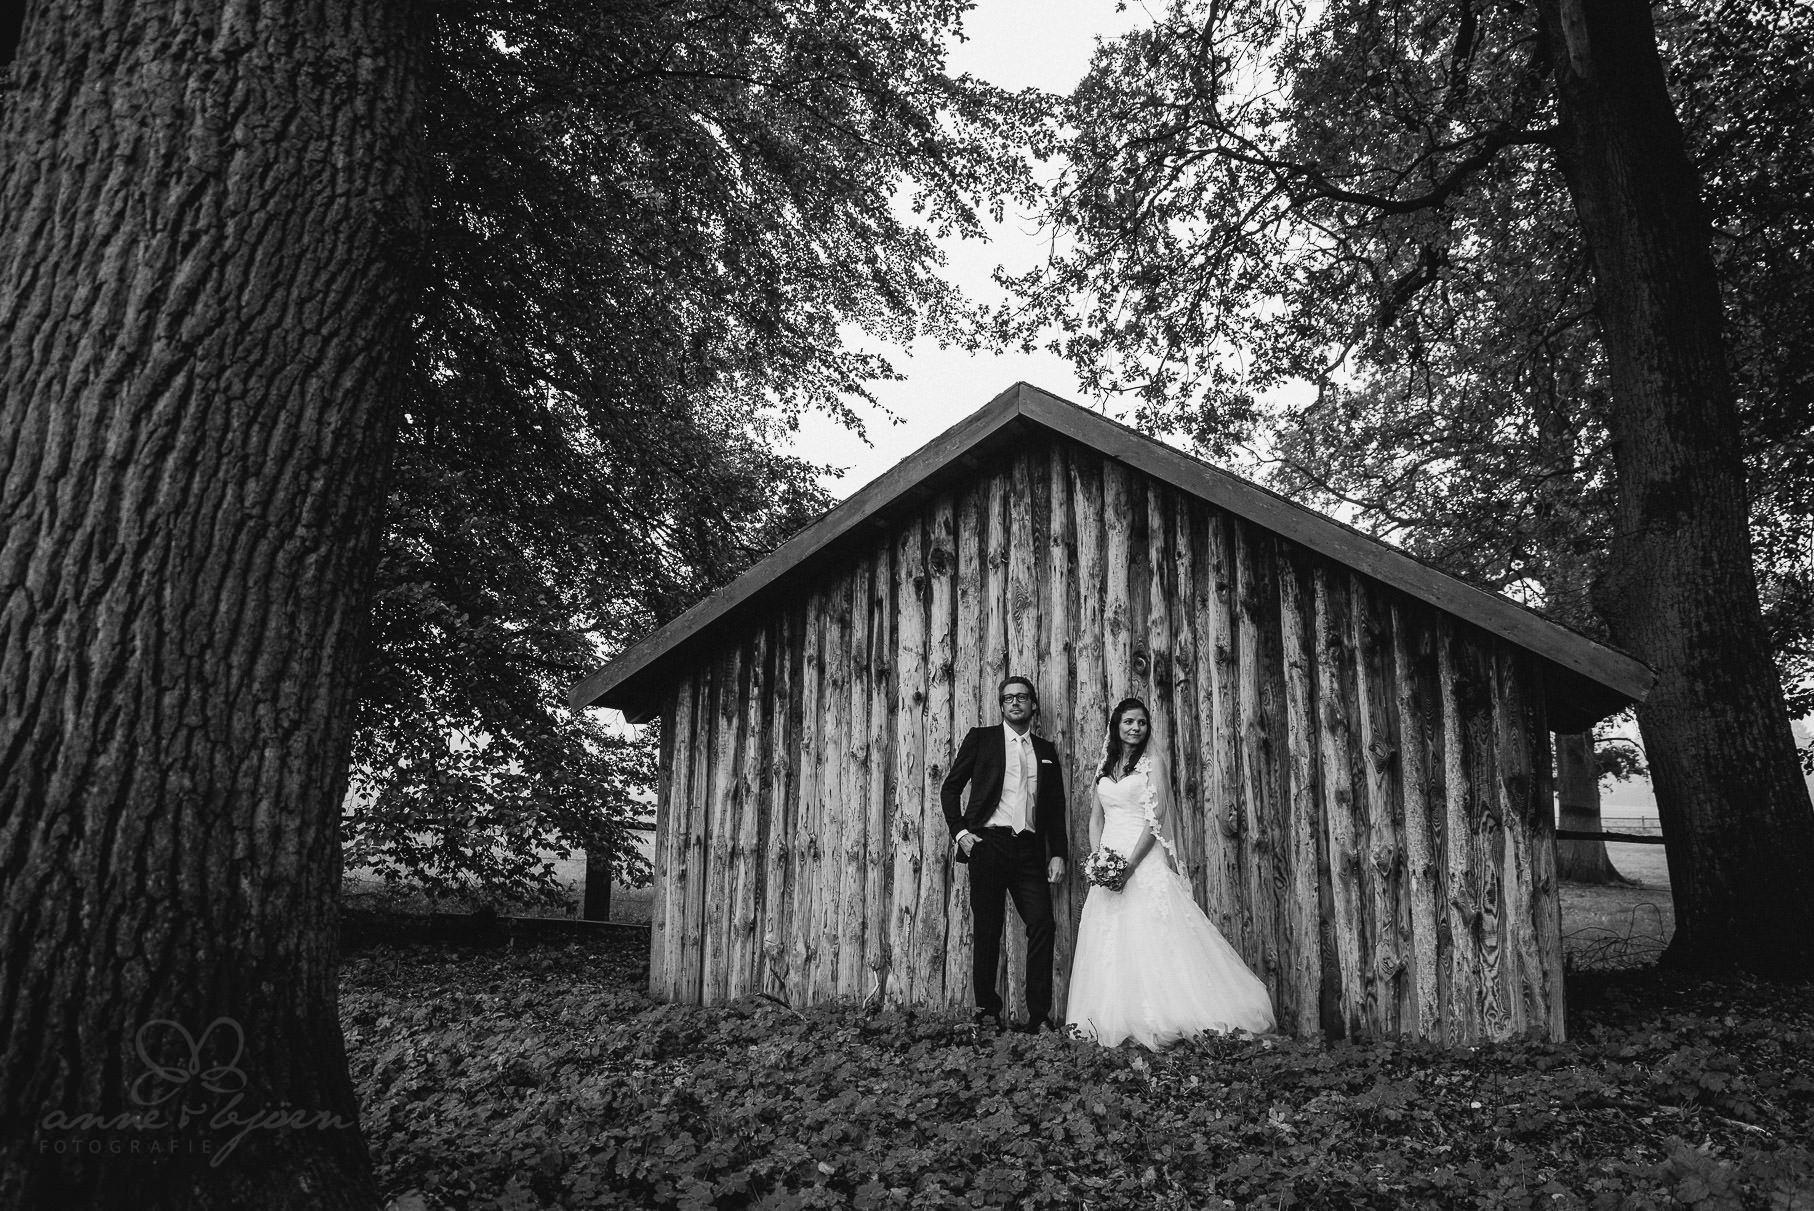 0107 aub 812 0049 - Hochzeit auf Gut Thansen - Anja & Björn